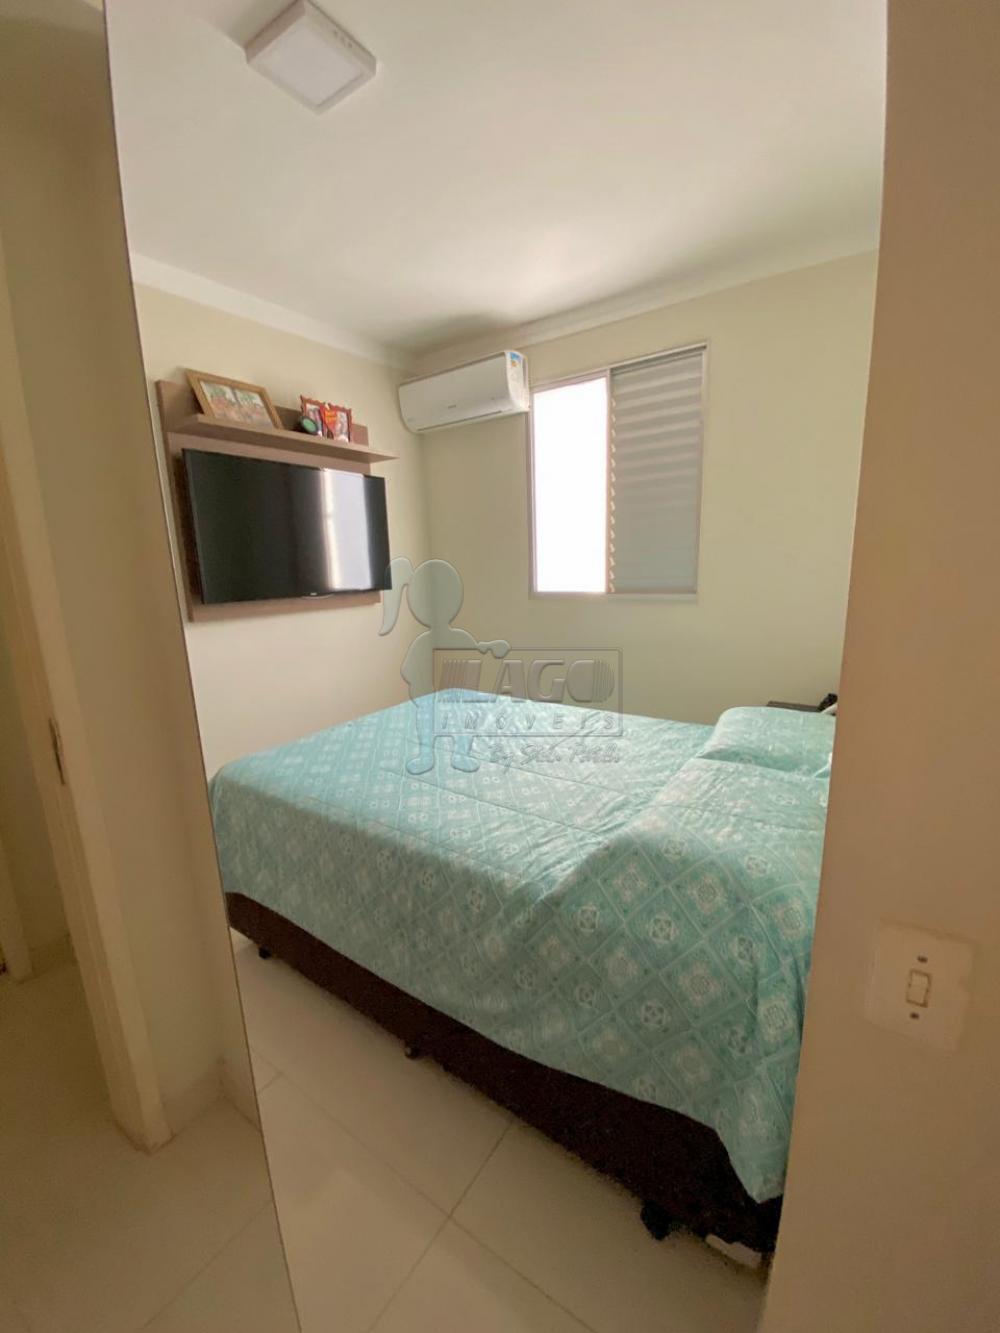 Comprar Apartamento / Padrão em Ribeirao Preto apenas R$ 212.000,00 - Foto 10